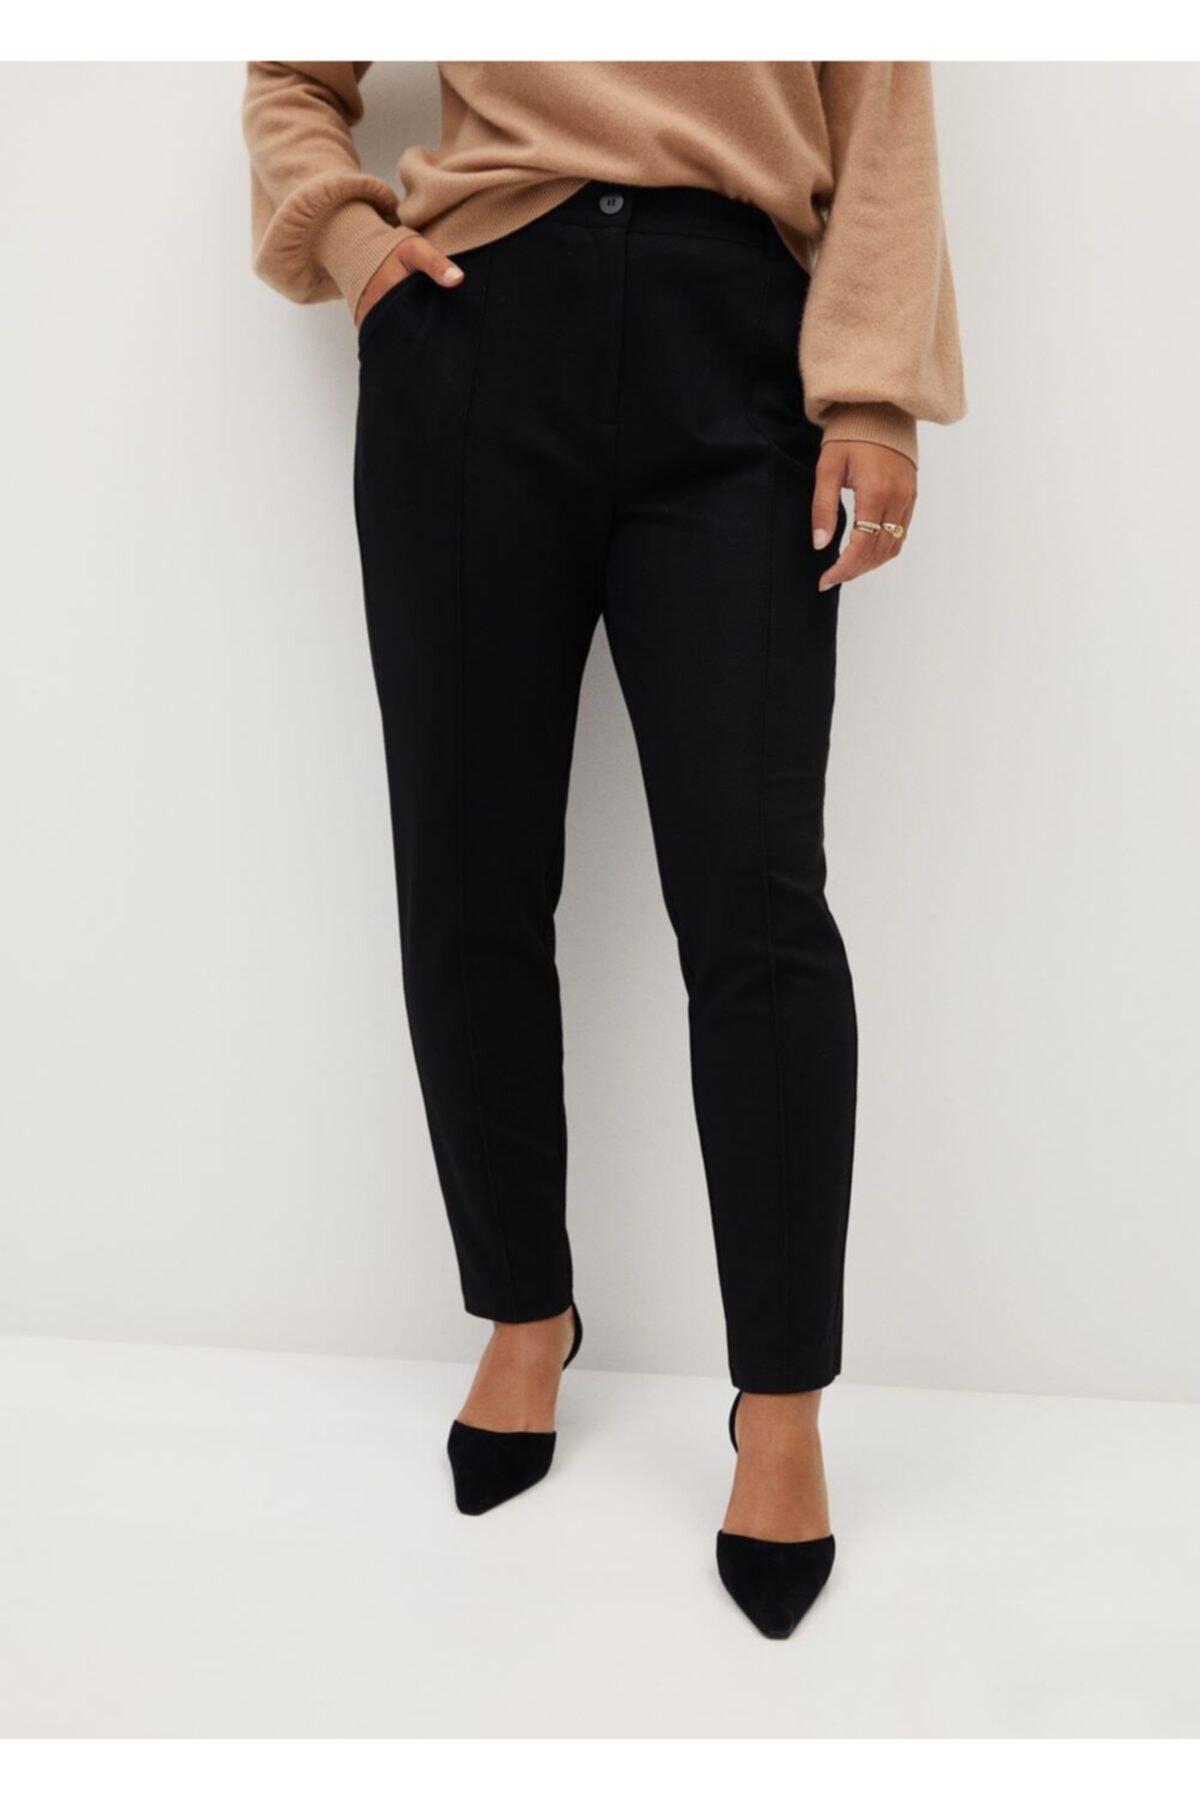 Violeta by MANGO Kadın Siyah Dar Kesimli Takım Pantolon 2